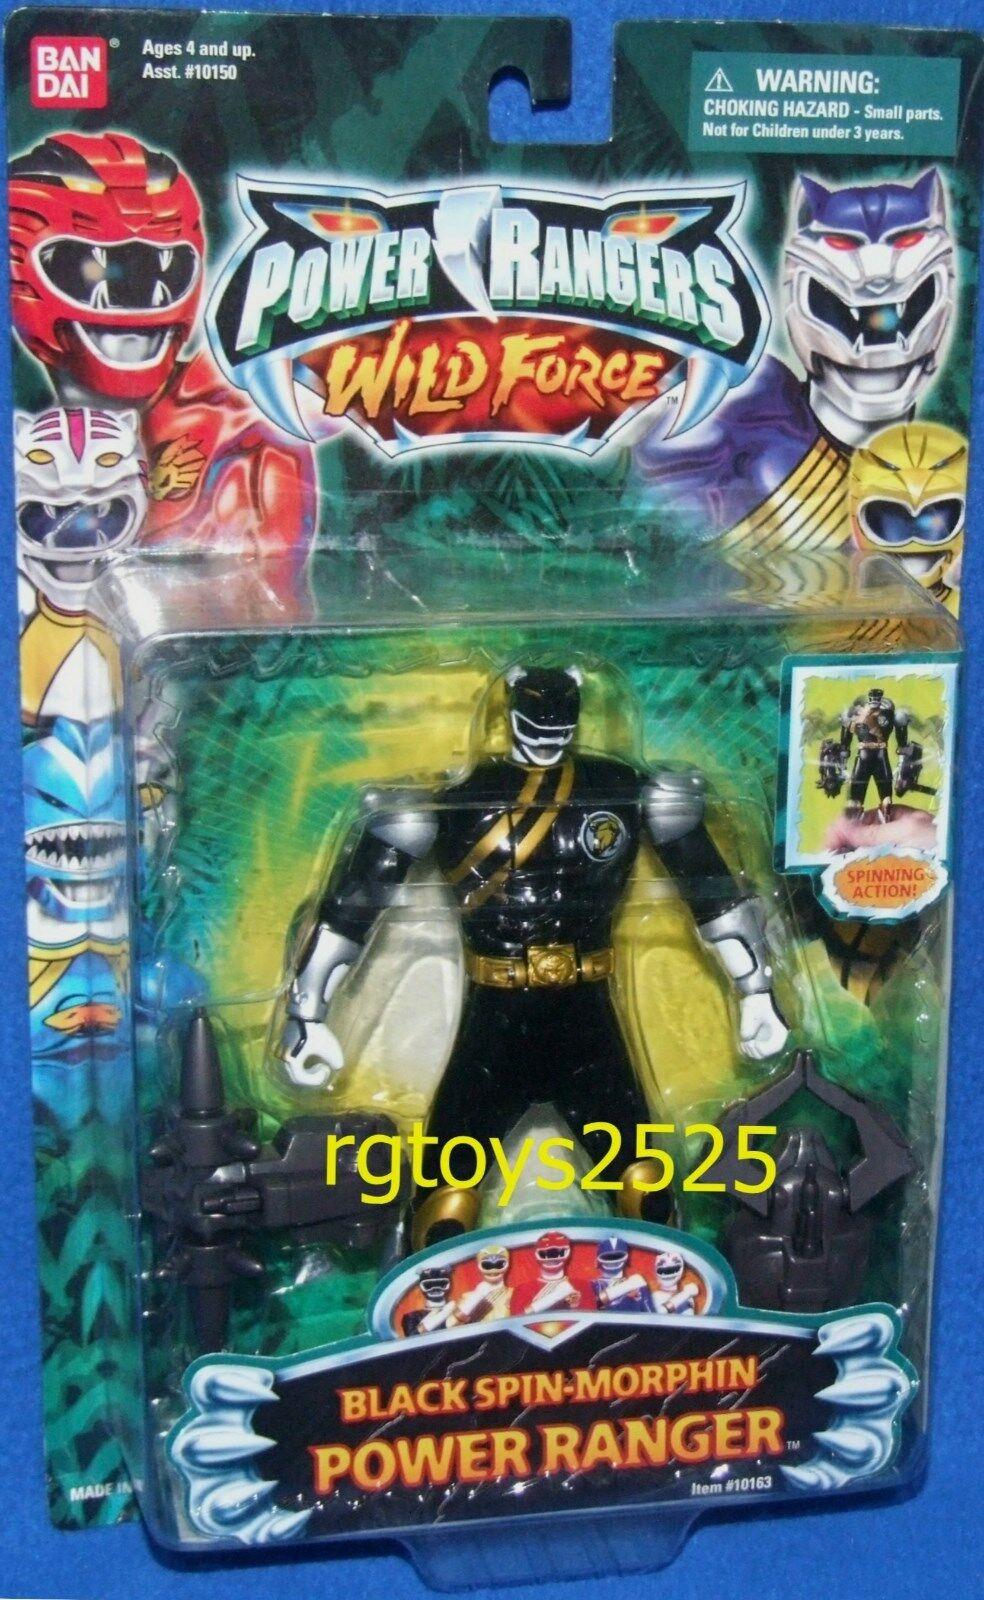 Power Rangers Wild Force Noir Spin-Morphin 5  Ranger NEW FACTORY SEALED 2002